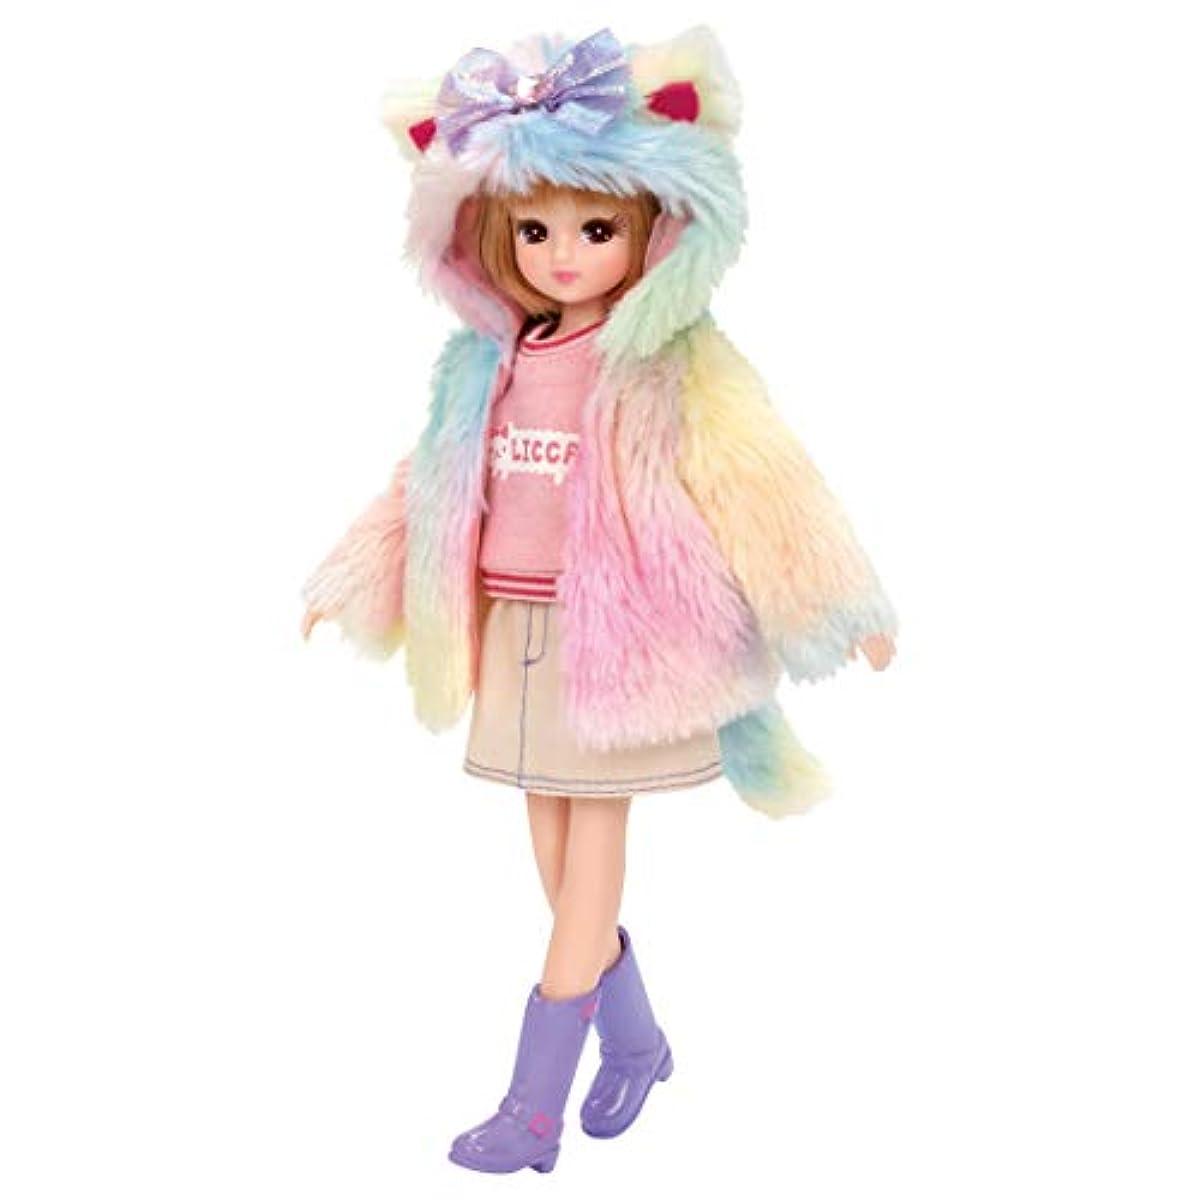 [해외] 타가라토미 리카짱 드레스 LW-16 모후모후 컬러풀 캣